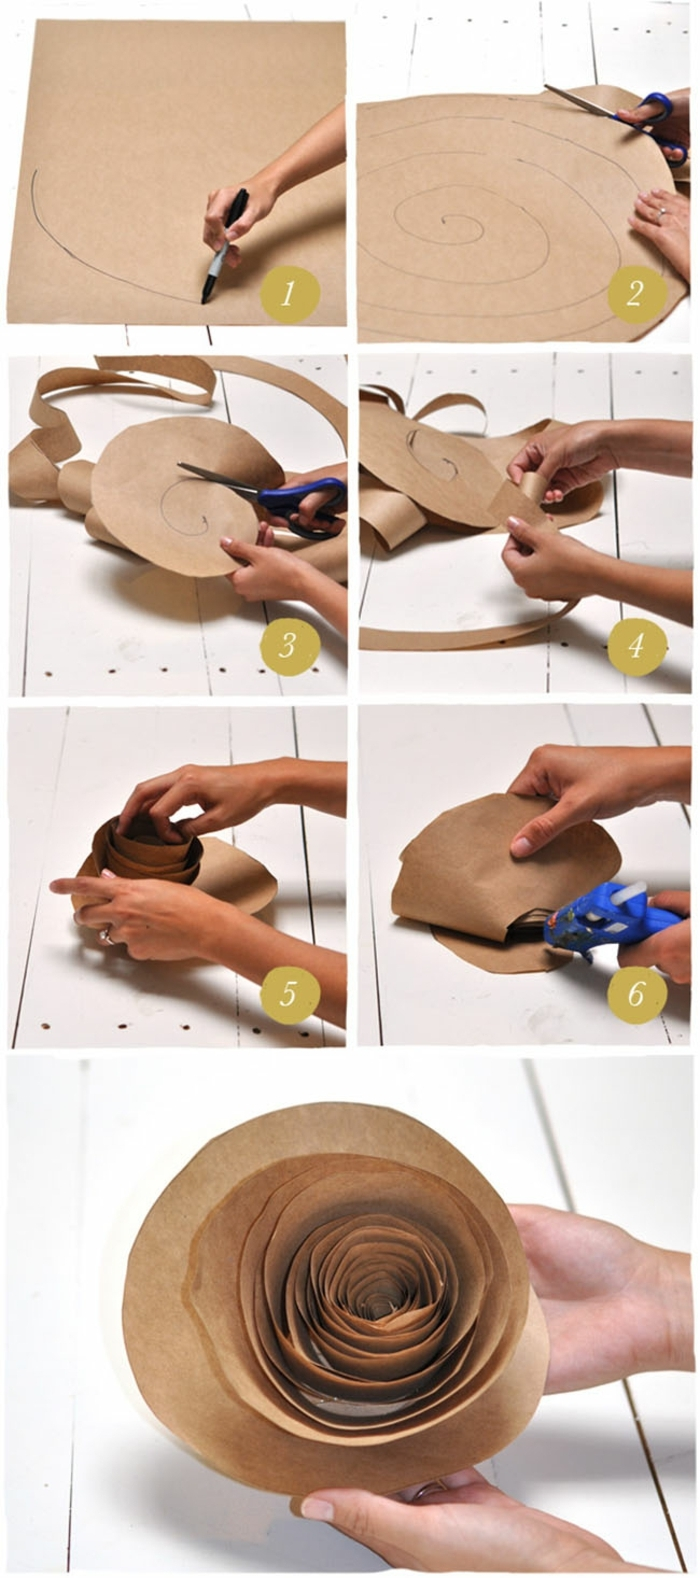 manualidades con papel, tutorial para hacer rosas de papel artesanal con pistola encoladora y tijeras